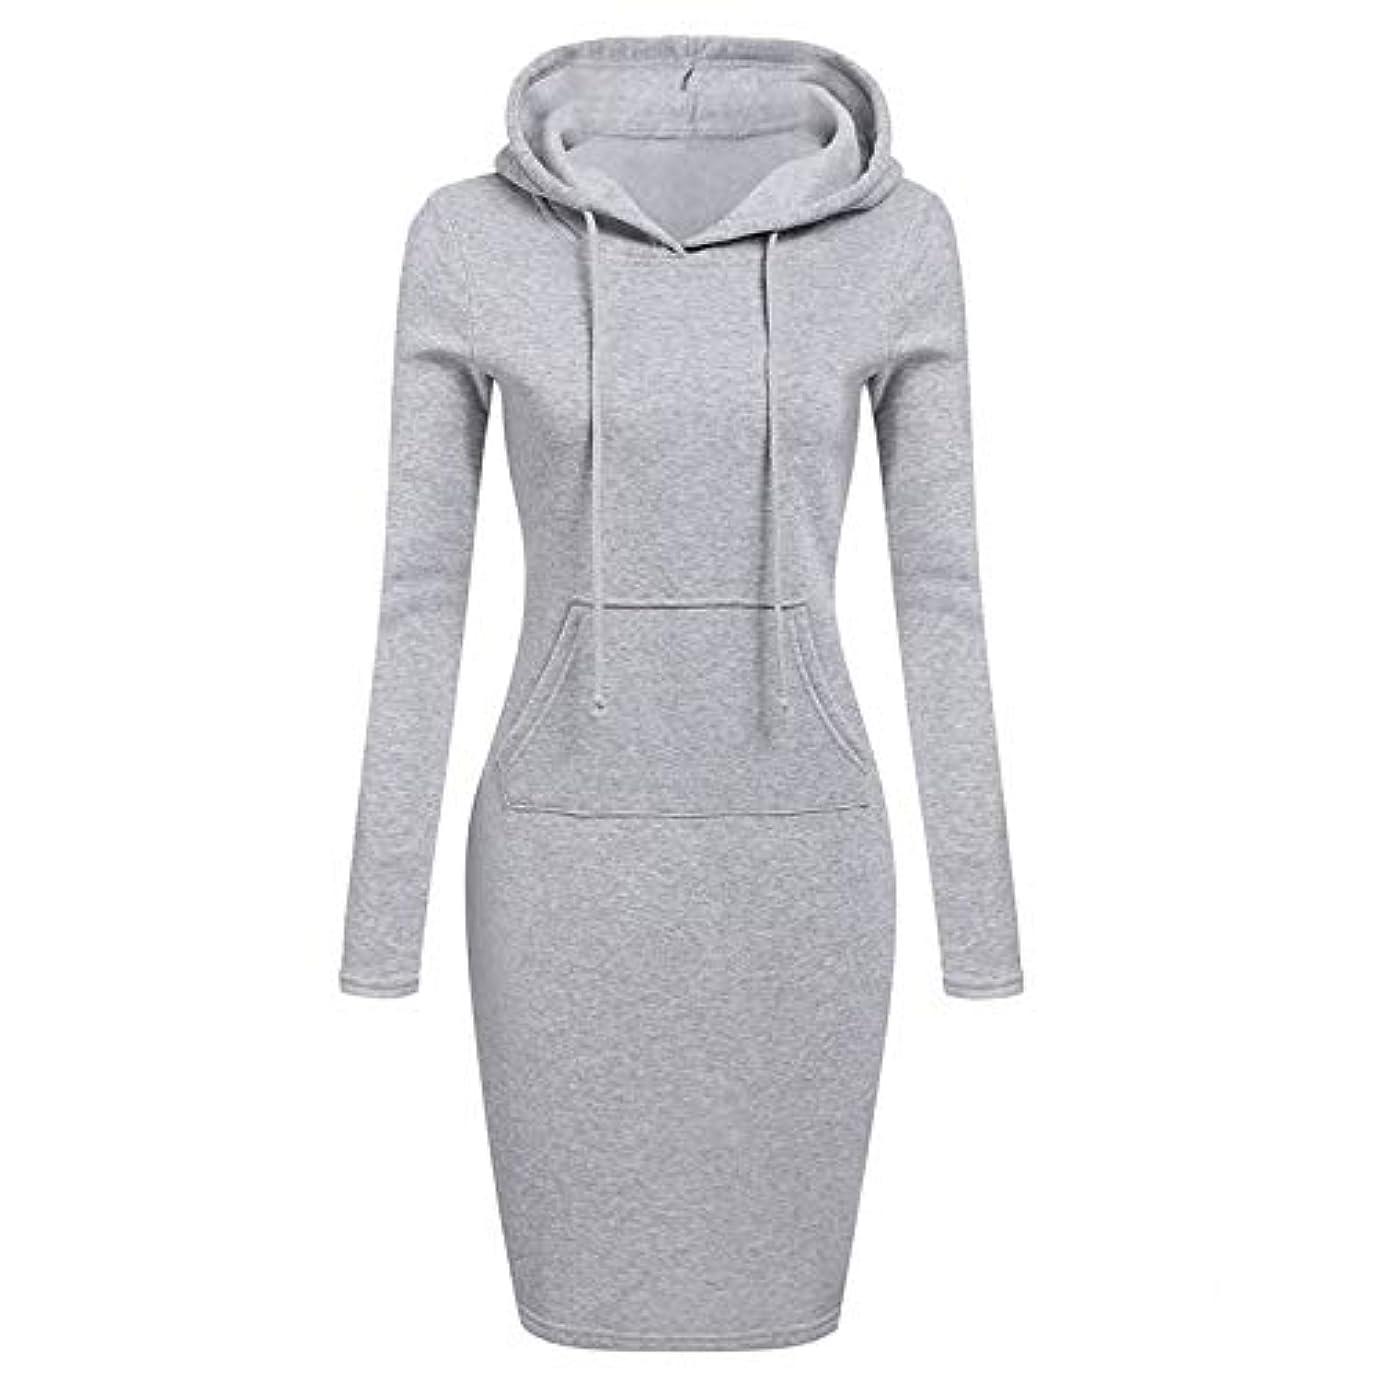 折るほぼ回転するOnderroa - ファッションフード付き巾着フリースの女性のドレス秋冬はドレス女性Vestidosパーカースウェットシャツドレスを温めます